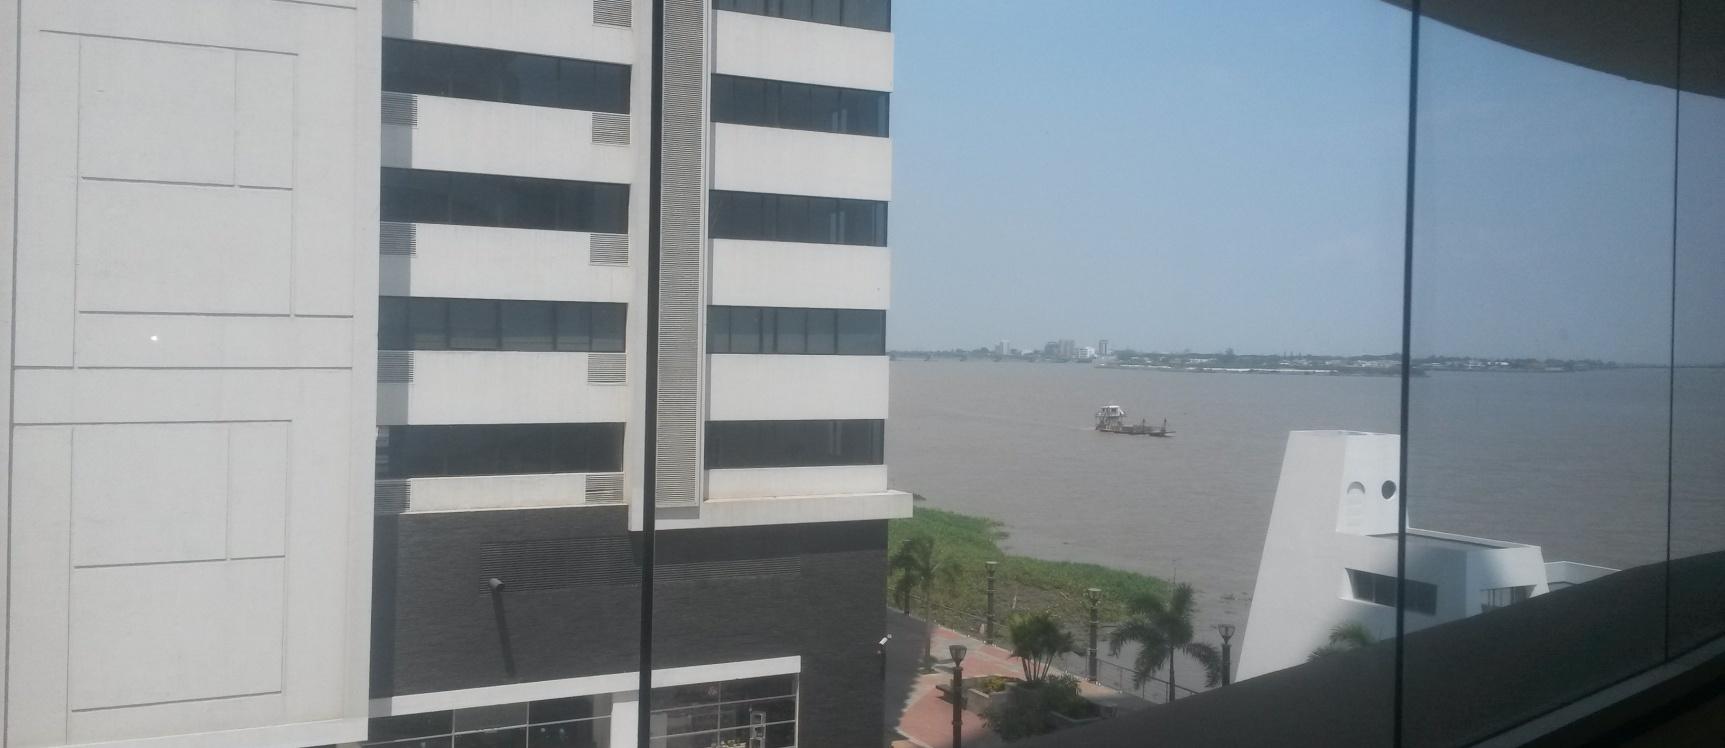 Oficina De Alquiler En Ciudad Del Rio Emporium Guayaquil